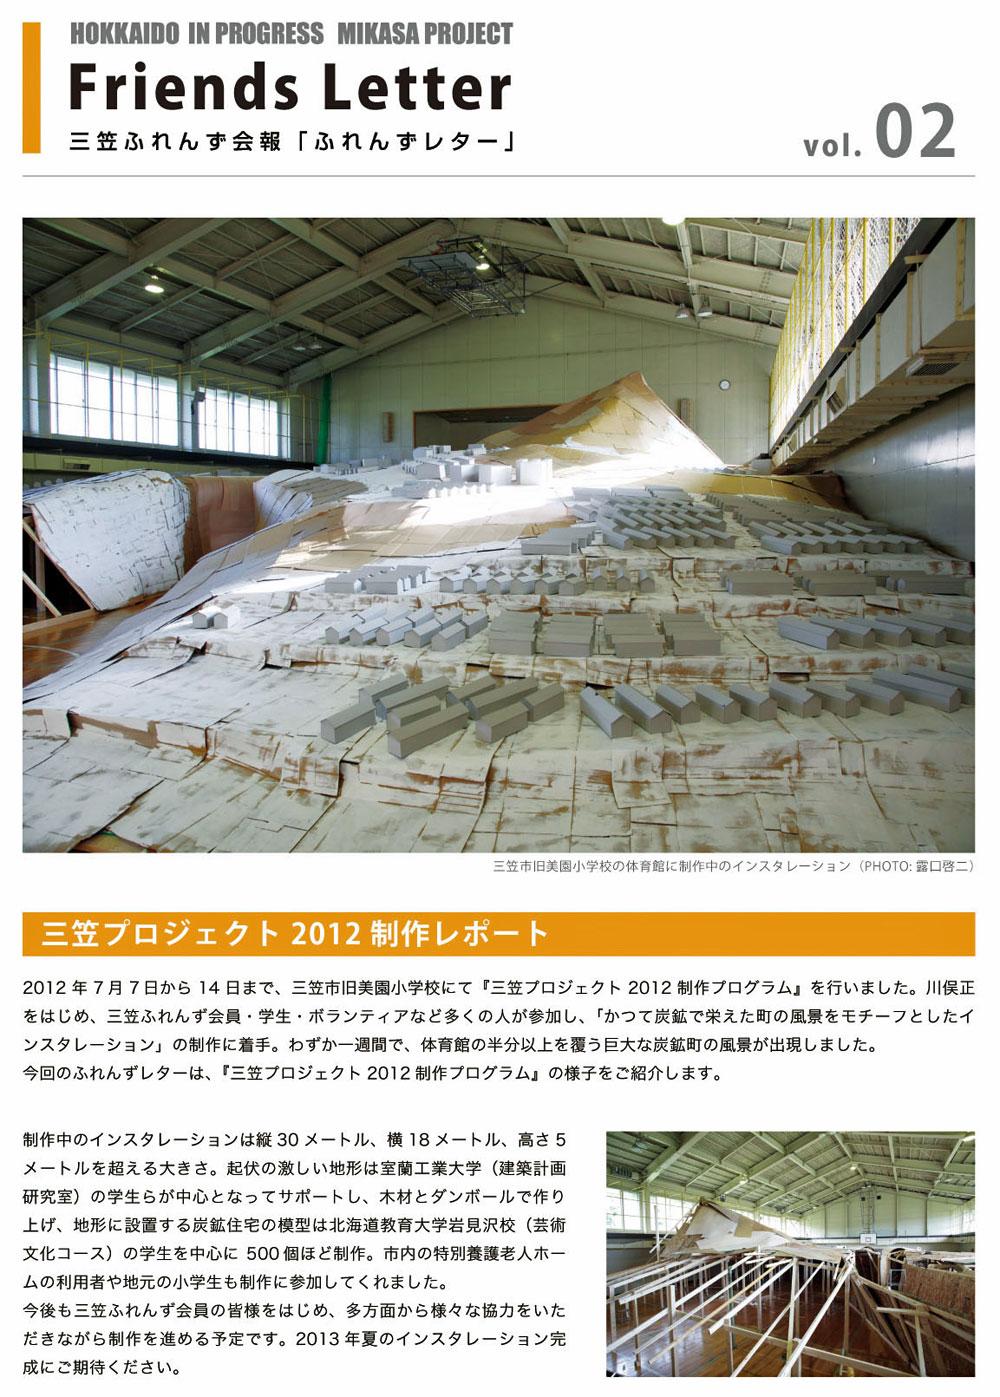 三笠プロジェクト2013、始動_c0189970_814976.jpg